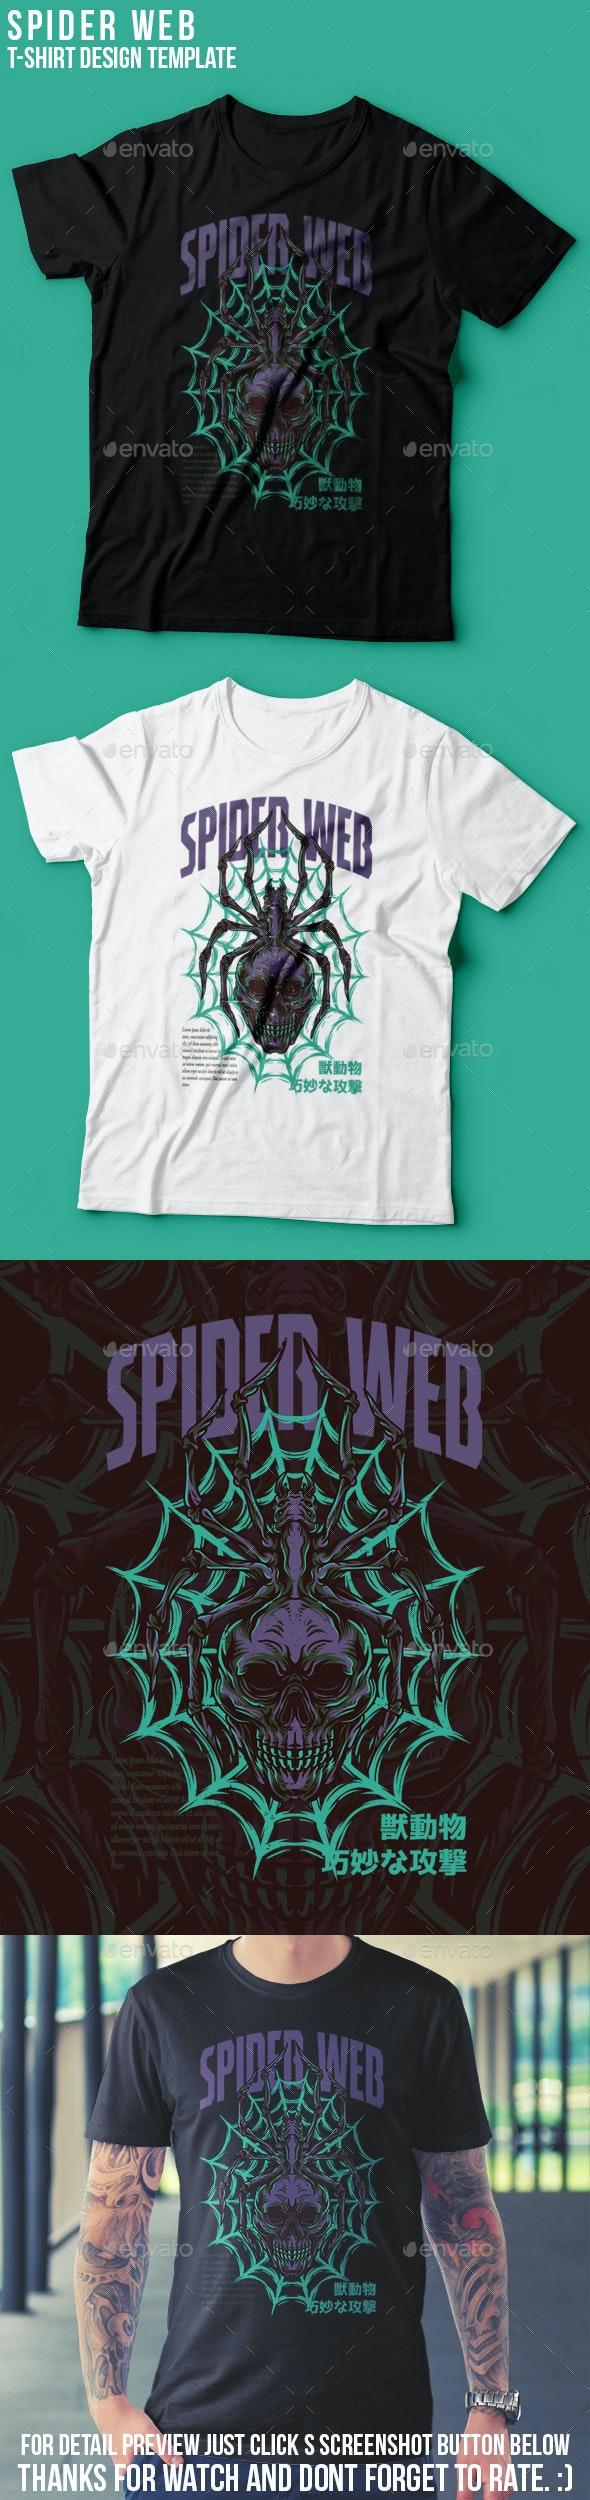 Spider Web T-Shirt Design - Grunge Designs